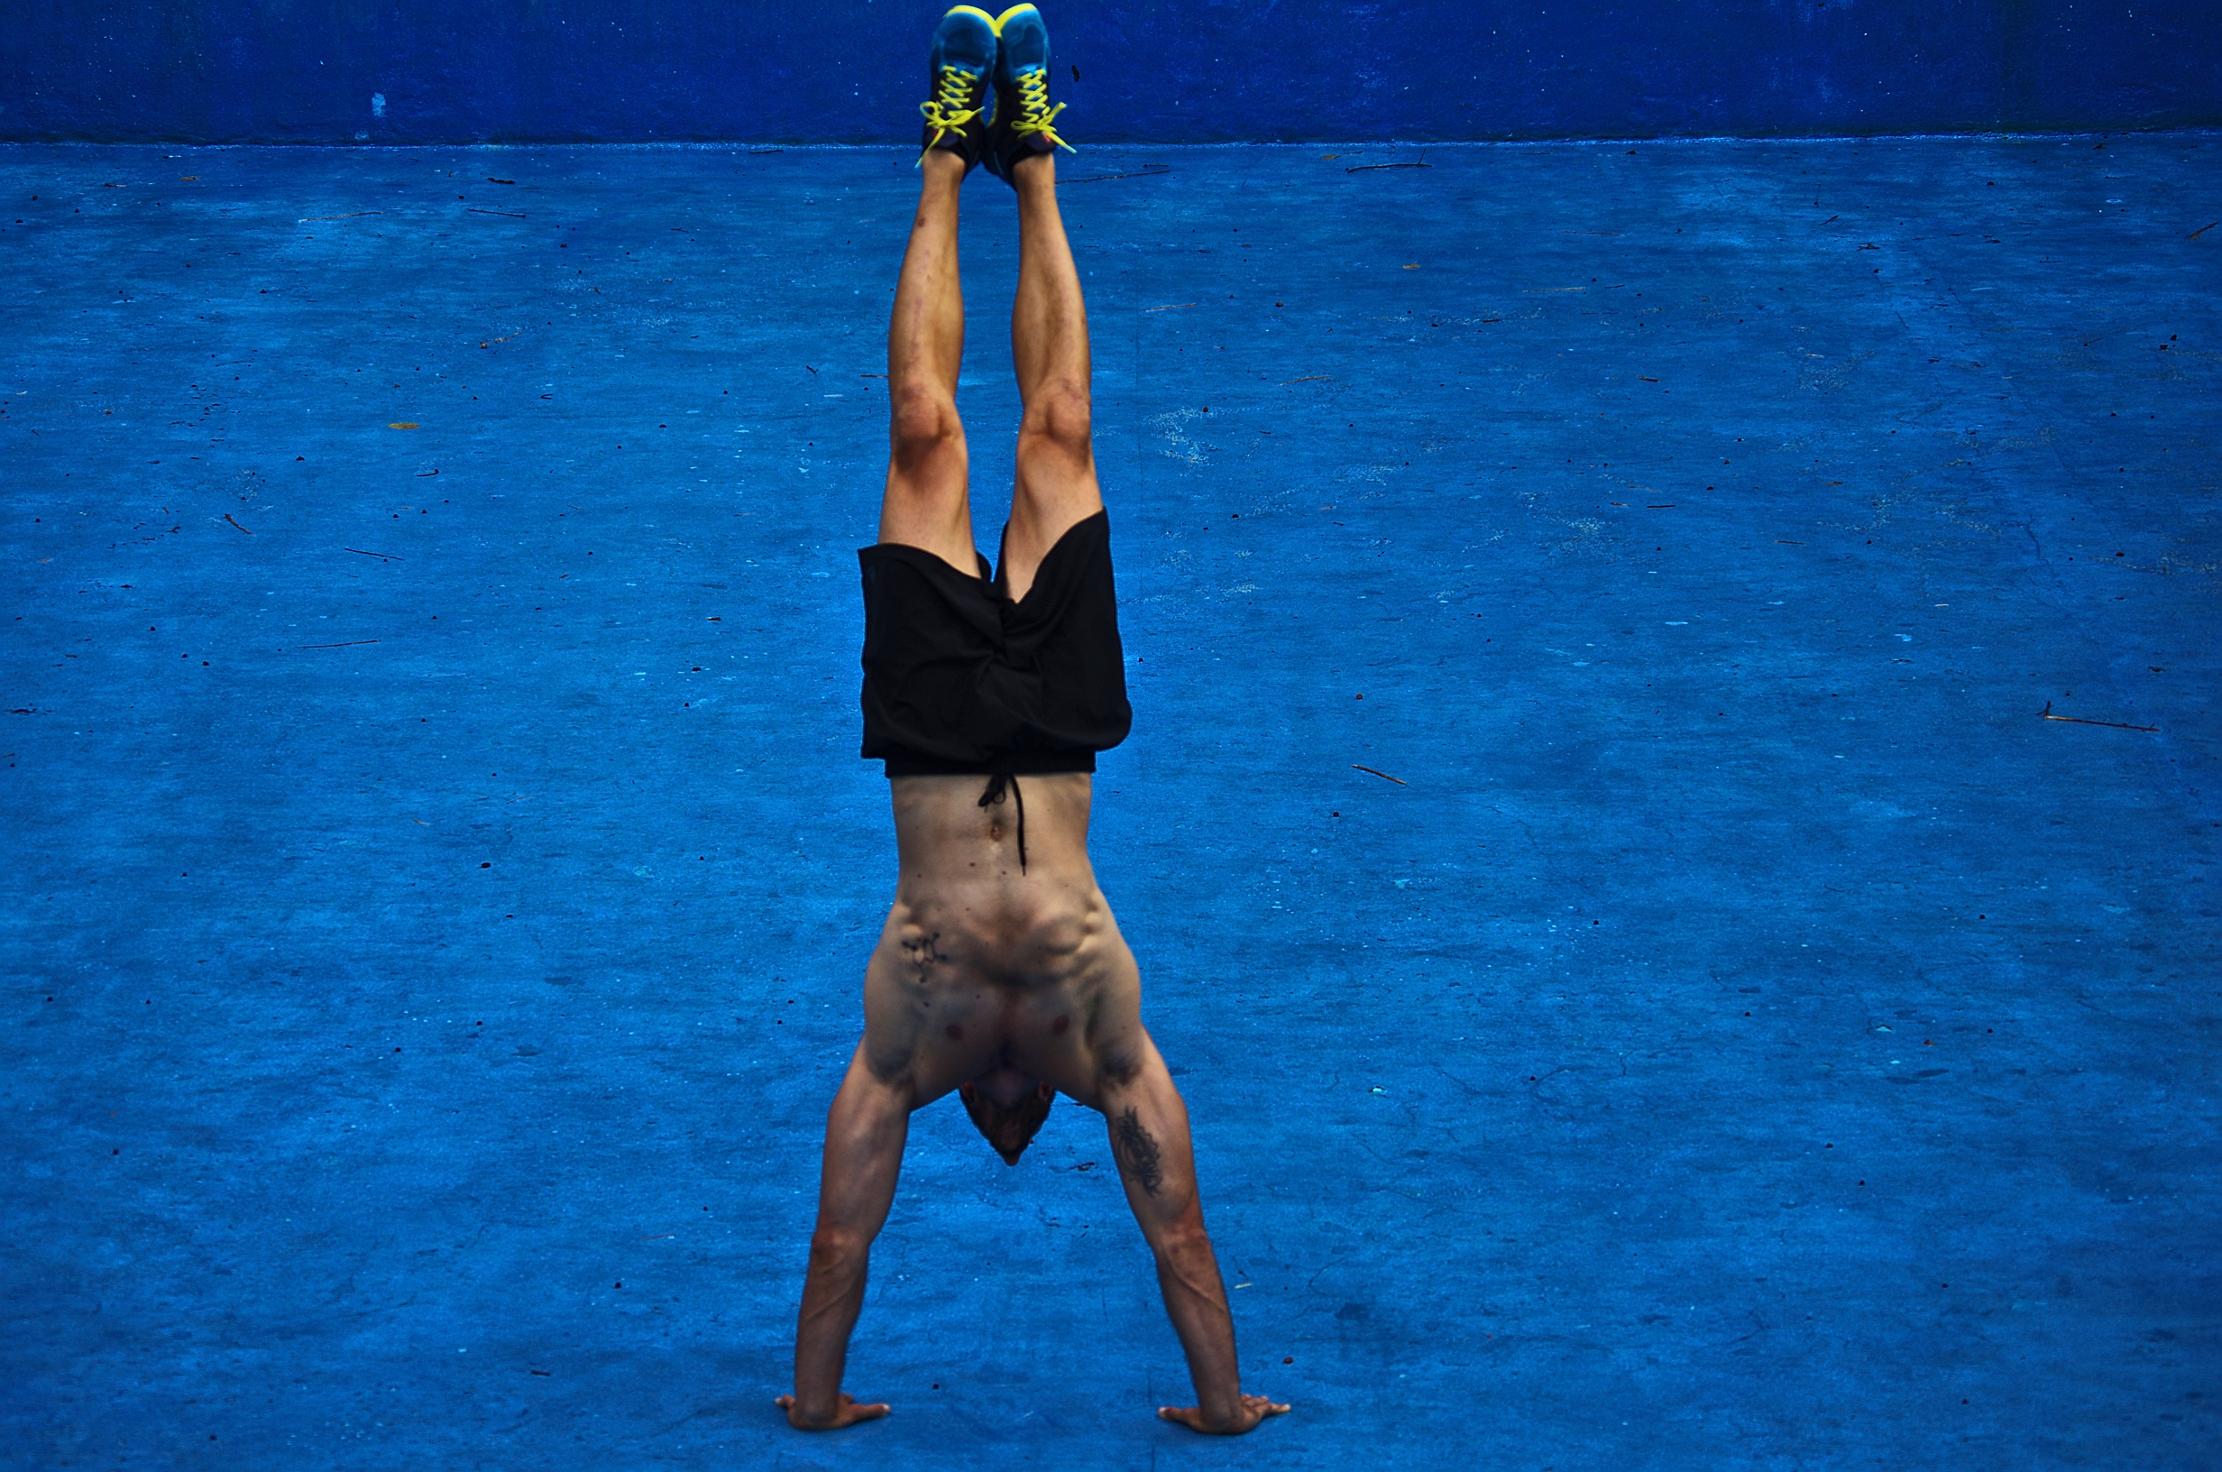 La verticale è un esercizio a corpo libero che attiva tutti i muscoli